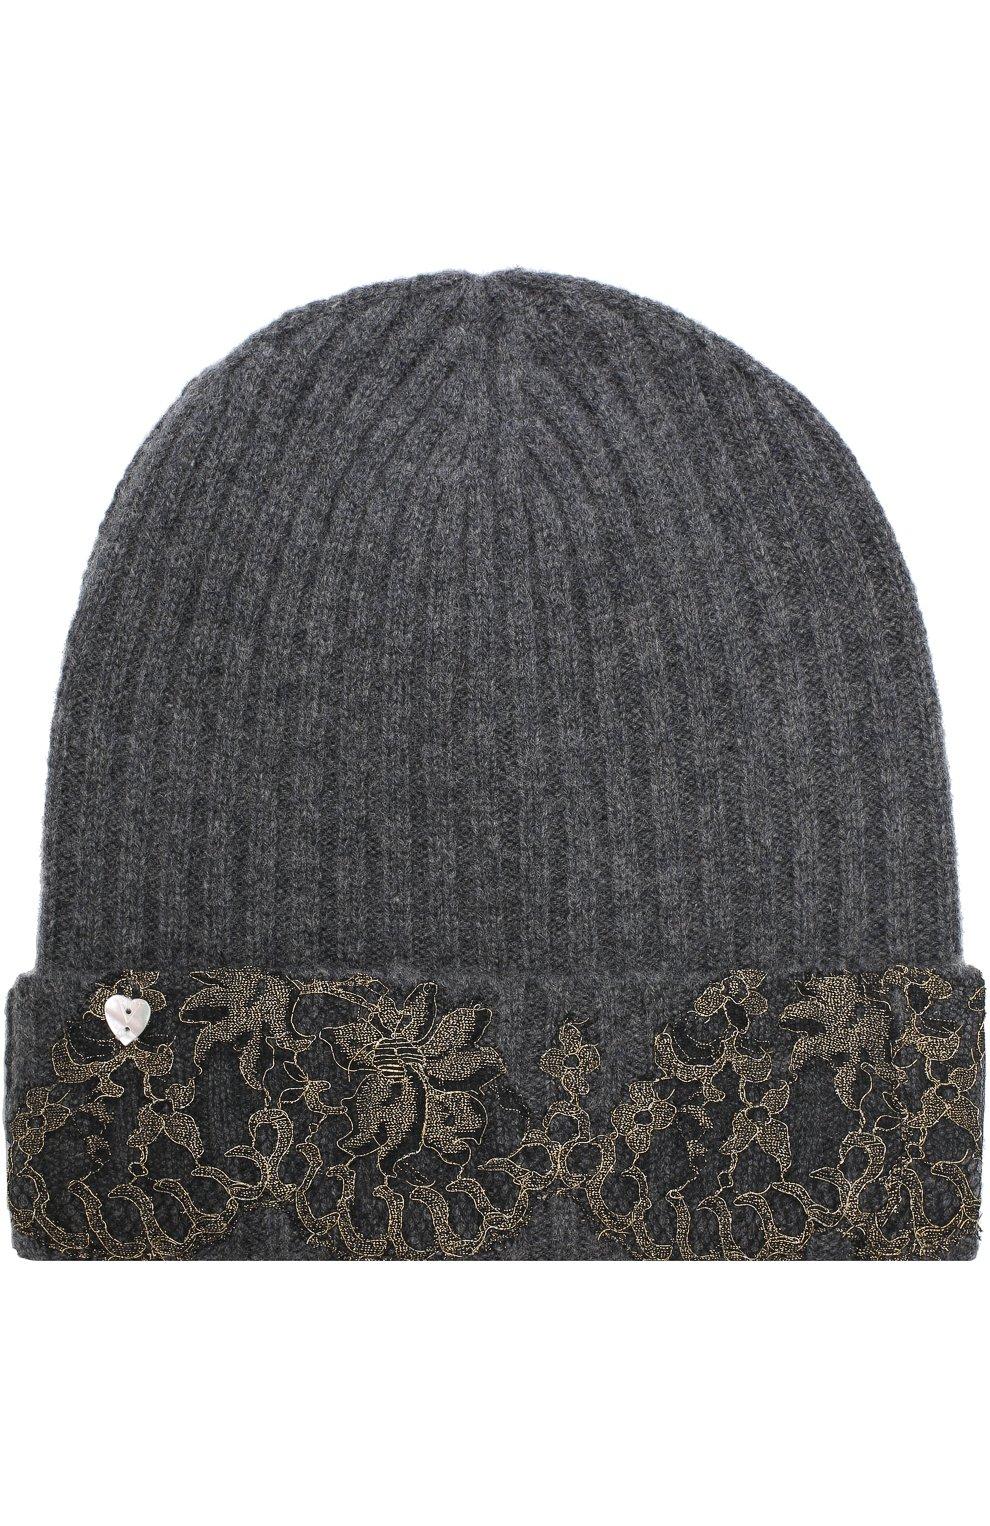 Кашемировая шапка бини с кружевной отделкой Vintage Shades темно-серого цвета   Фото №2